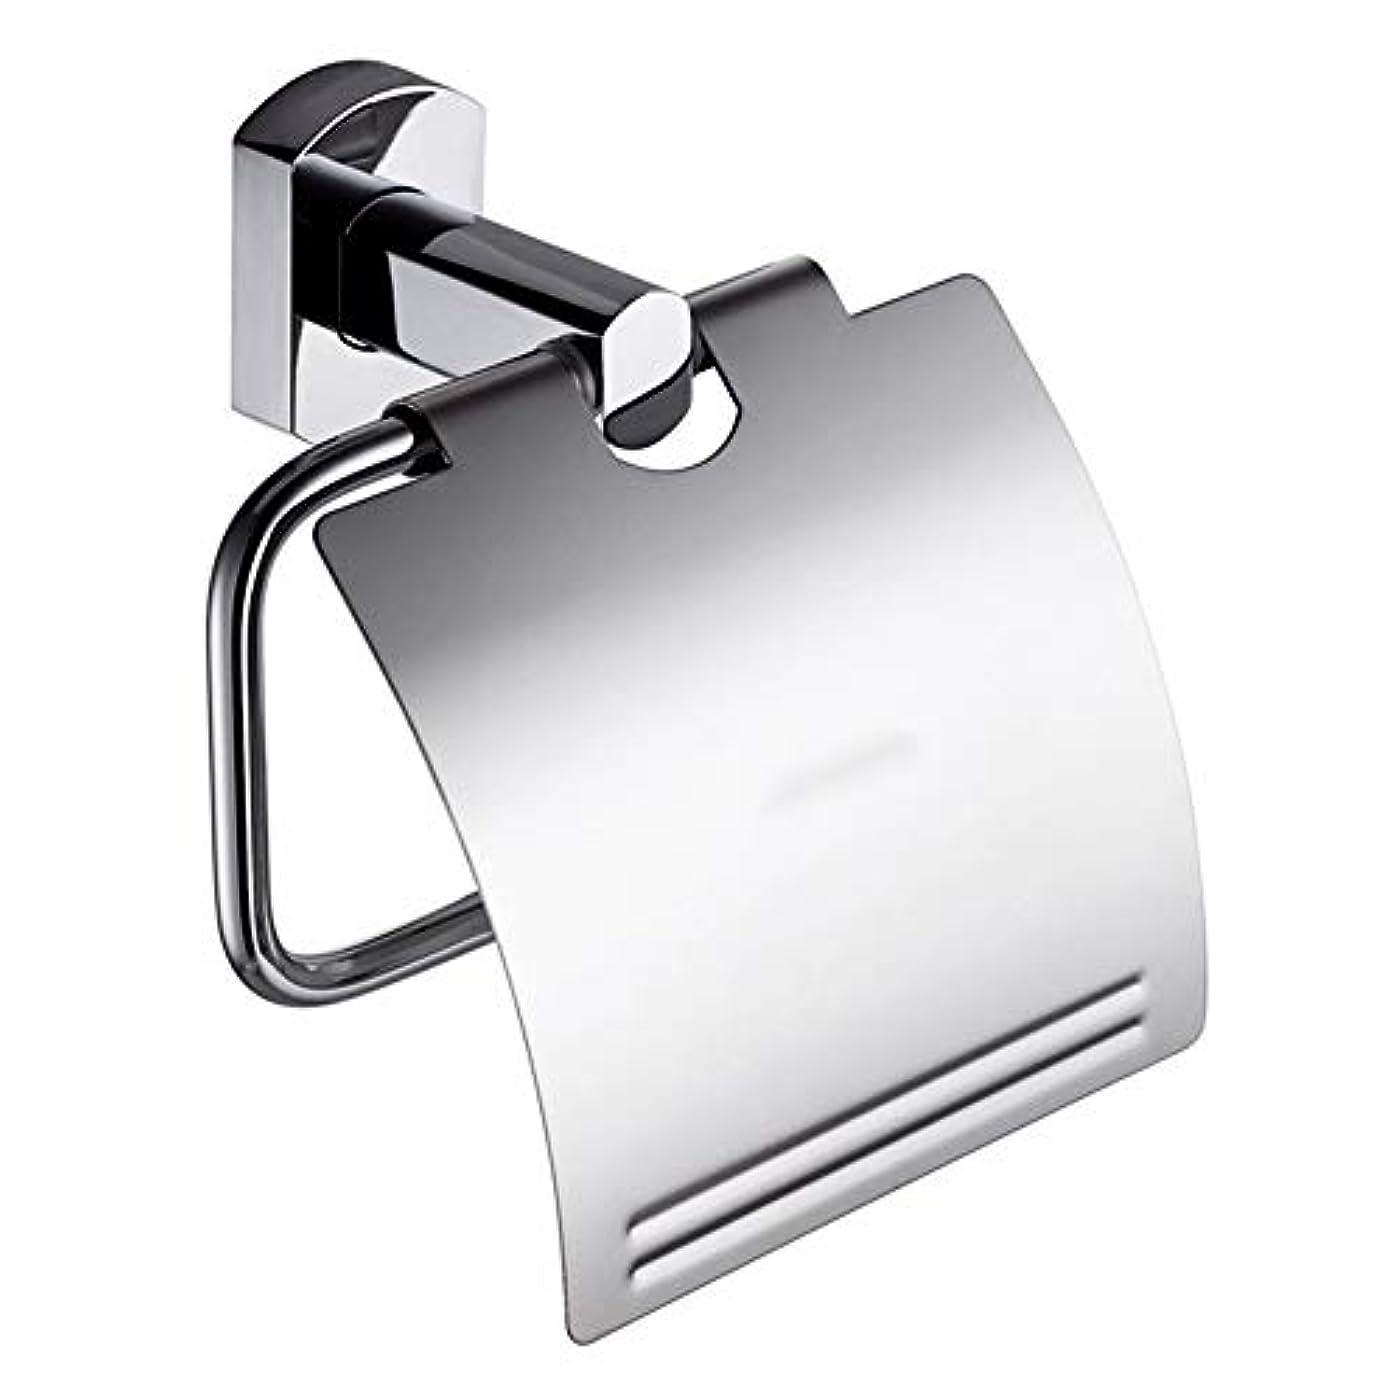 モードリンユーモラスチャンスZZLX 紙タオルホルダー、すべての銅ステンレス鋼浴室トイレットペーパーカセットトイレットペーパーホルダー ロングハンドル風呂ブラシ